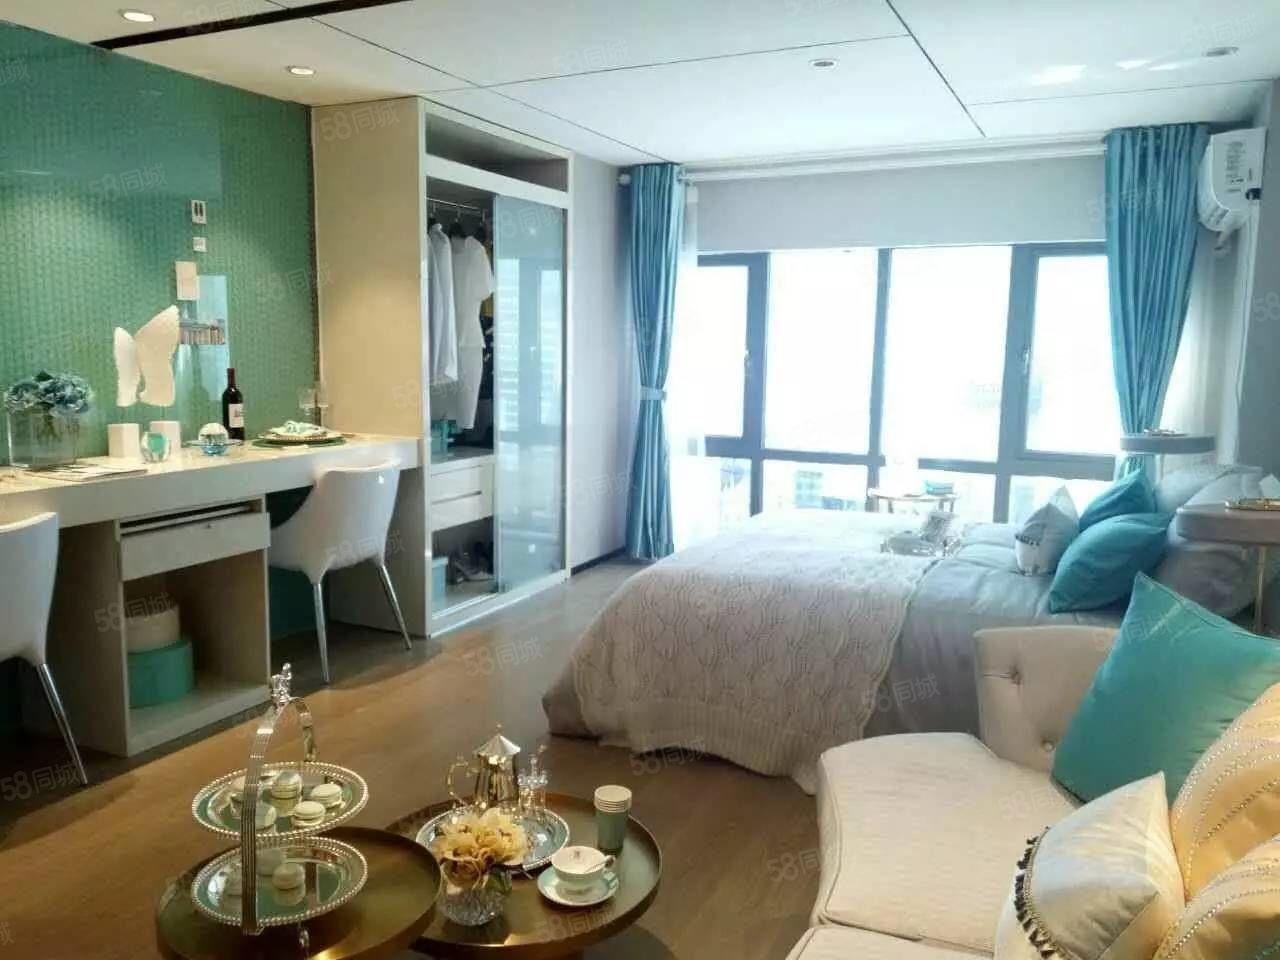 首付3万郑州港区润丰领寓月供800精装小公寓准现房可更名